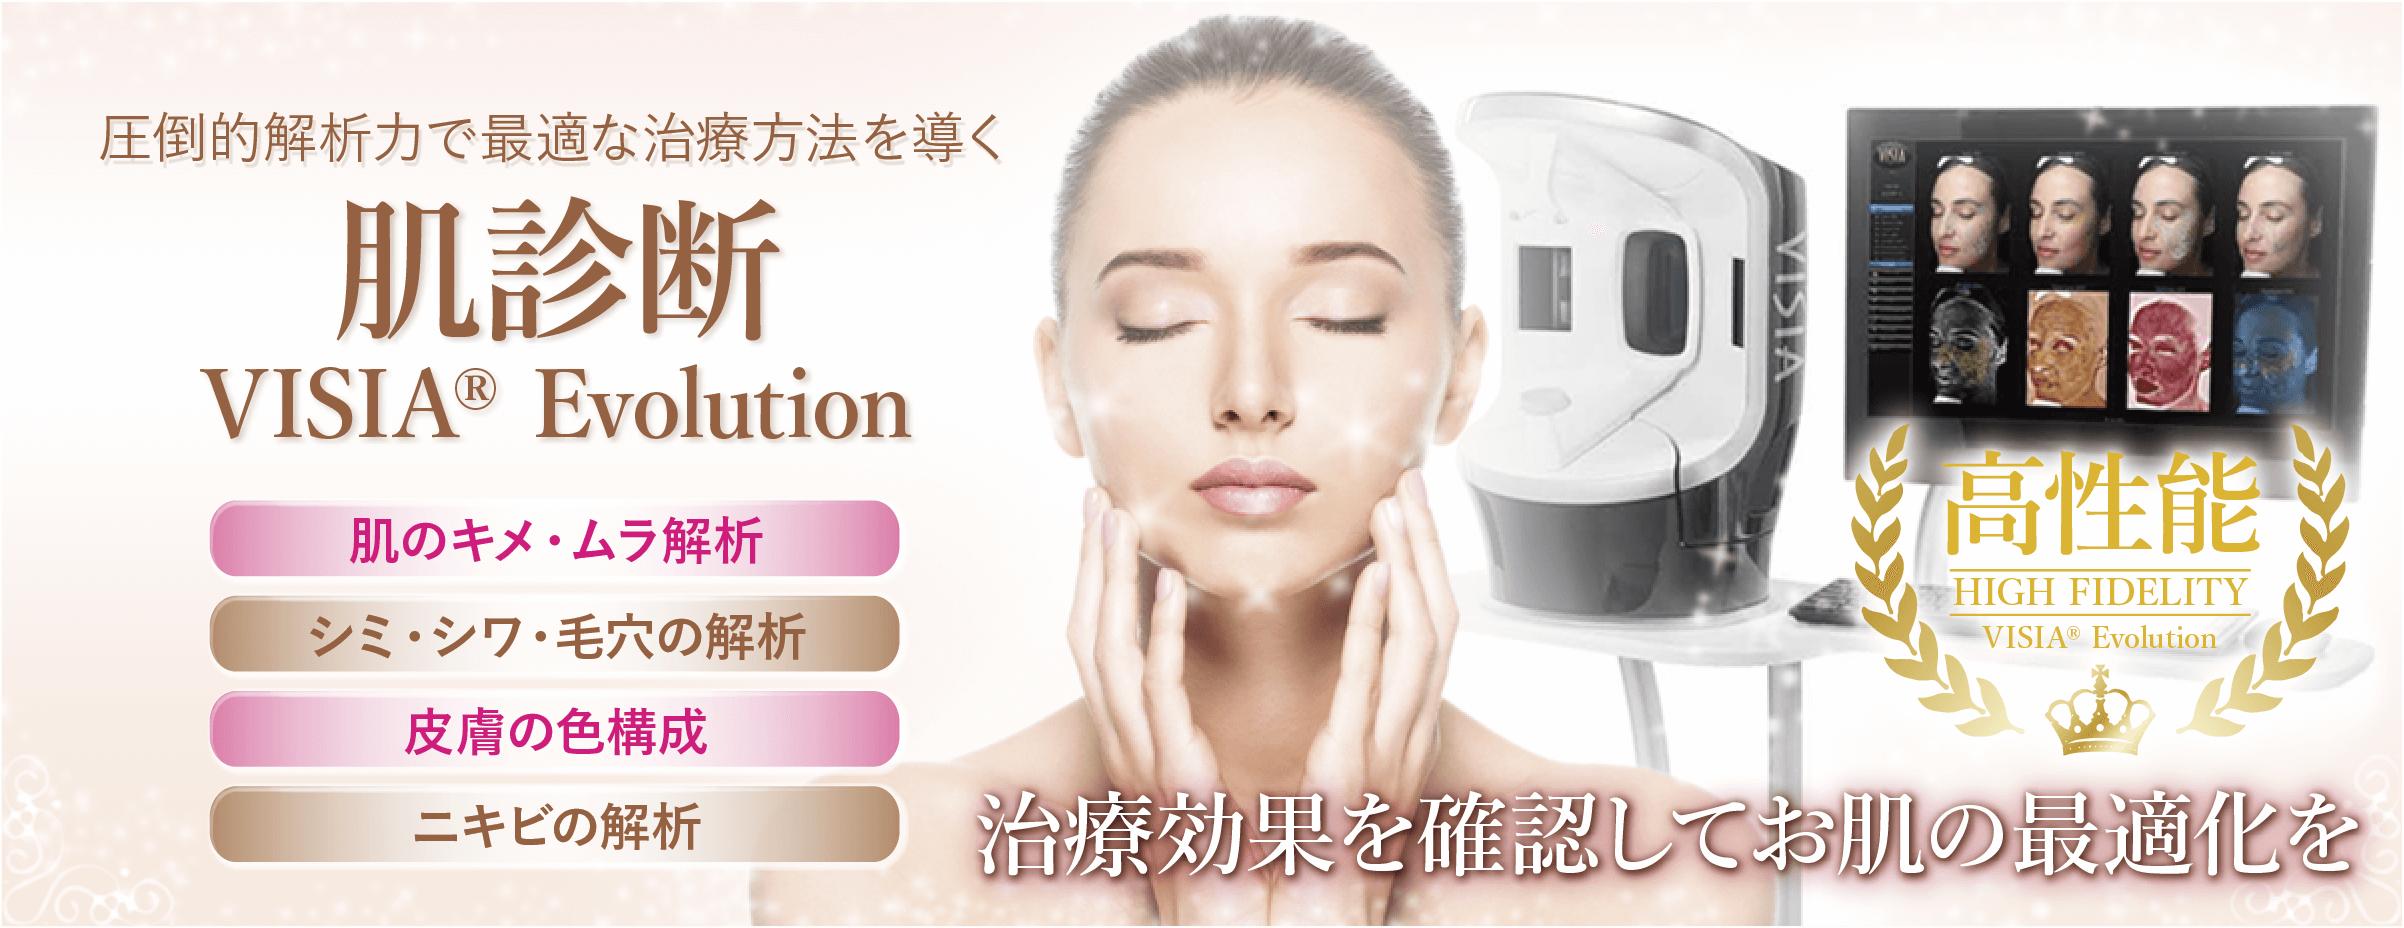 肌画像診断機VISIA(ビジア)